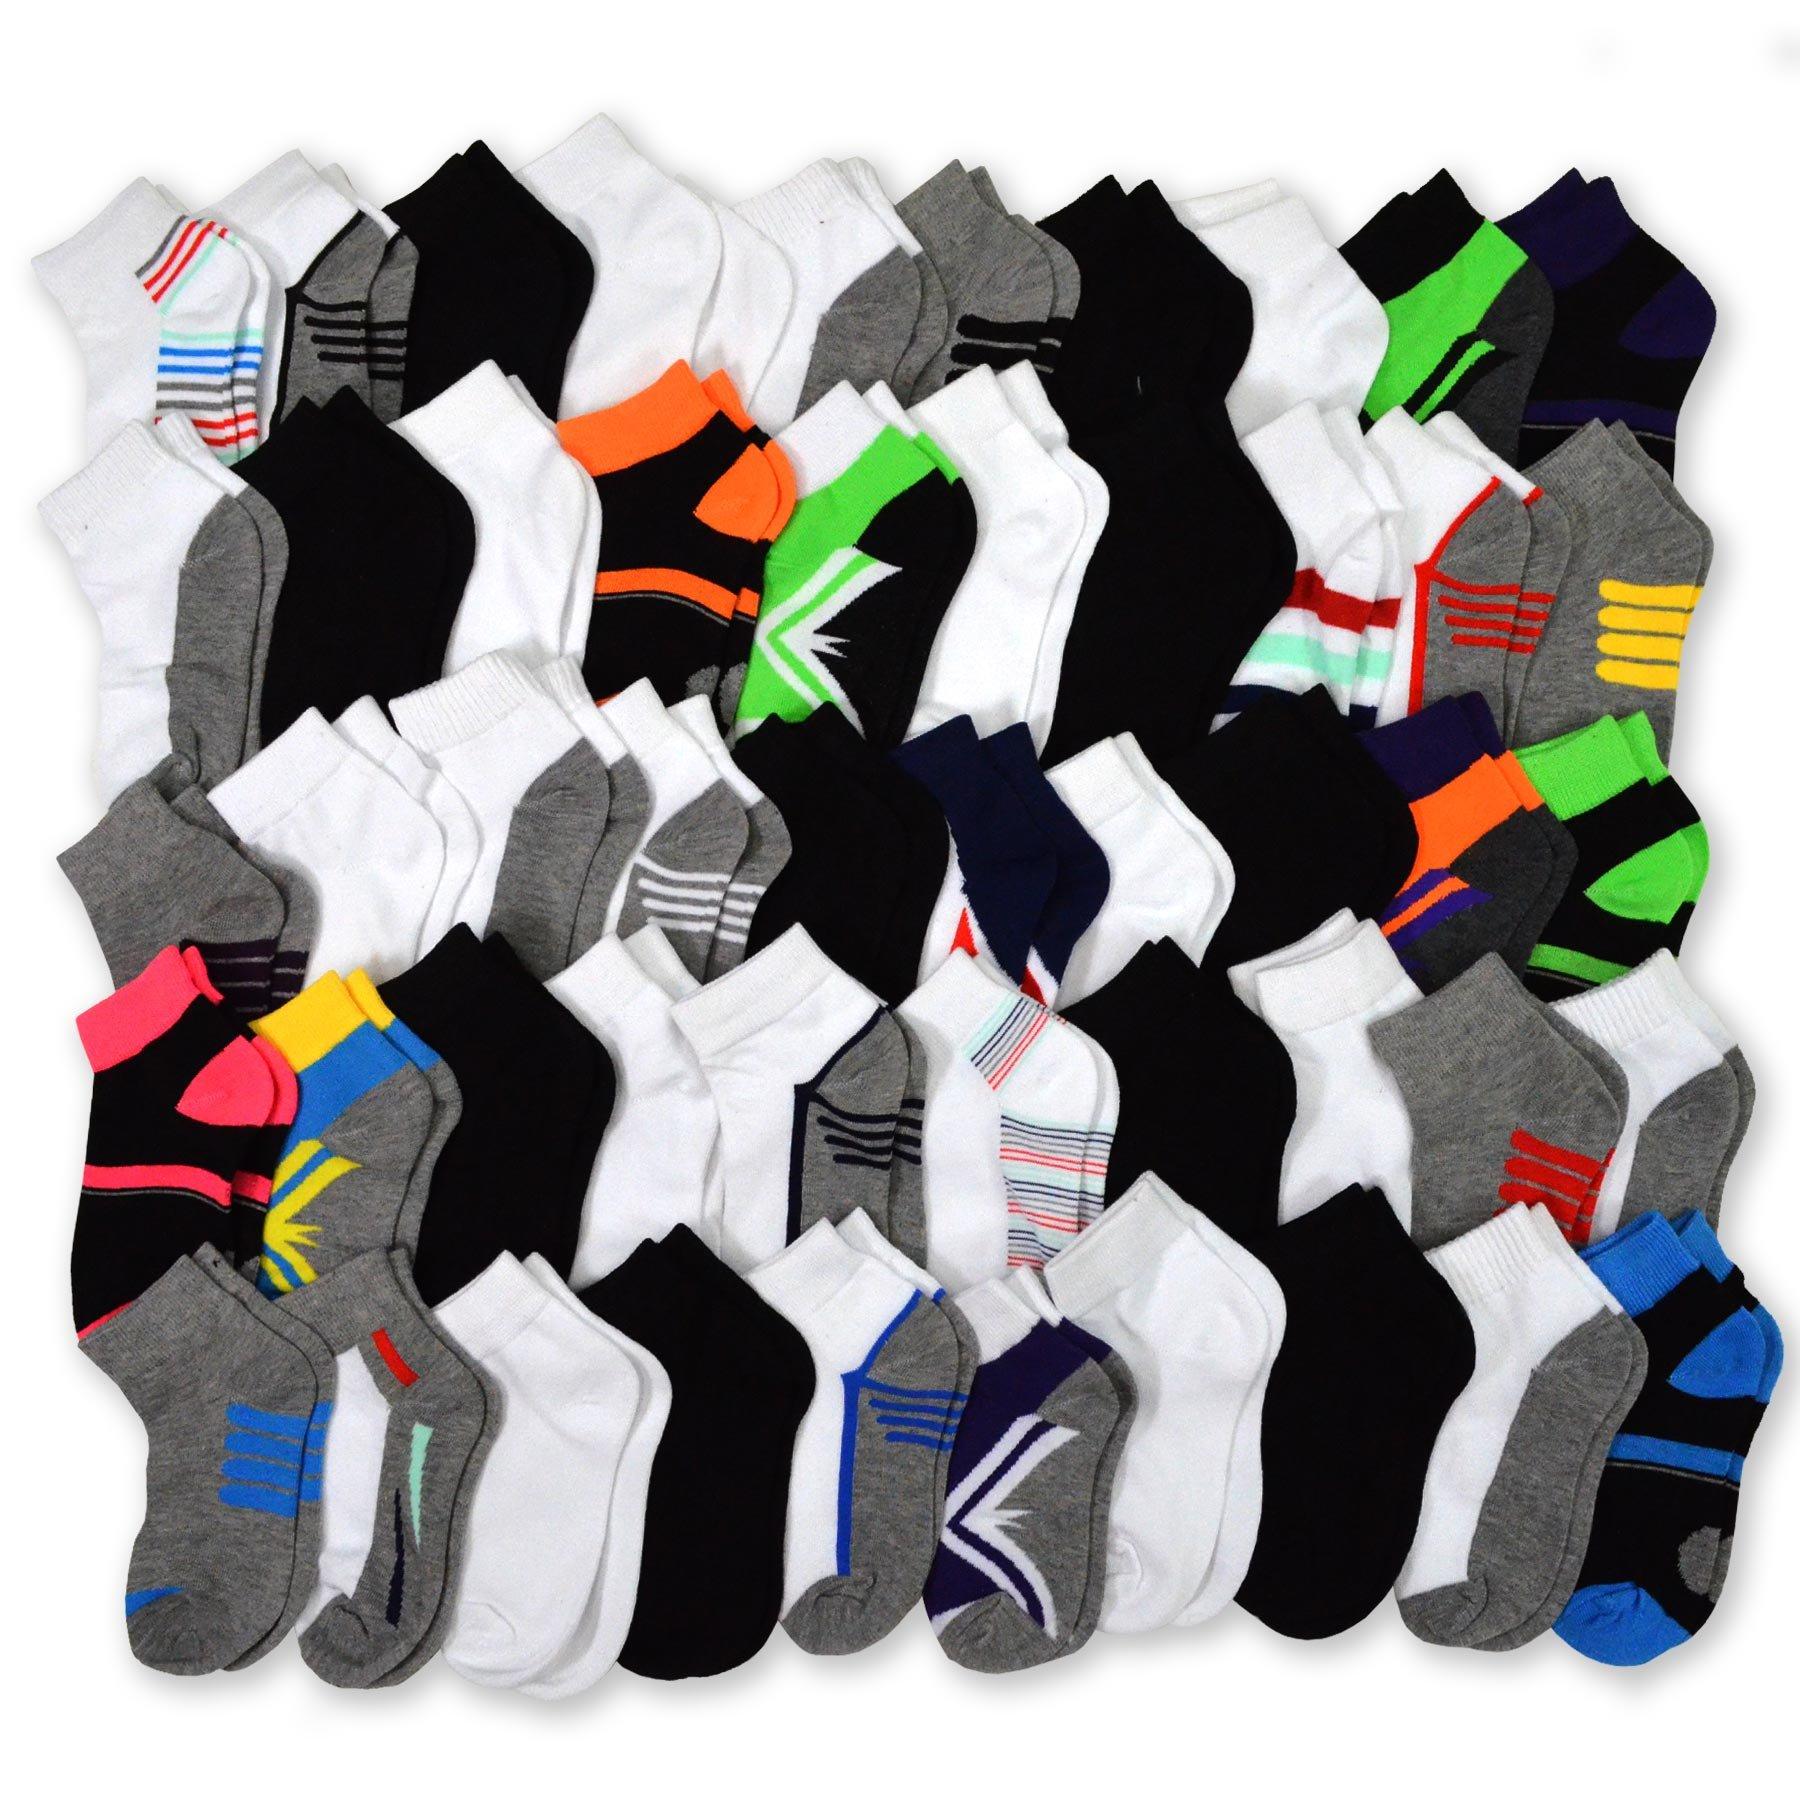 TeeHee Socks 50 Pairs Various Sample Socks Valuable Packs (Kids 9-10 Years)